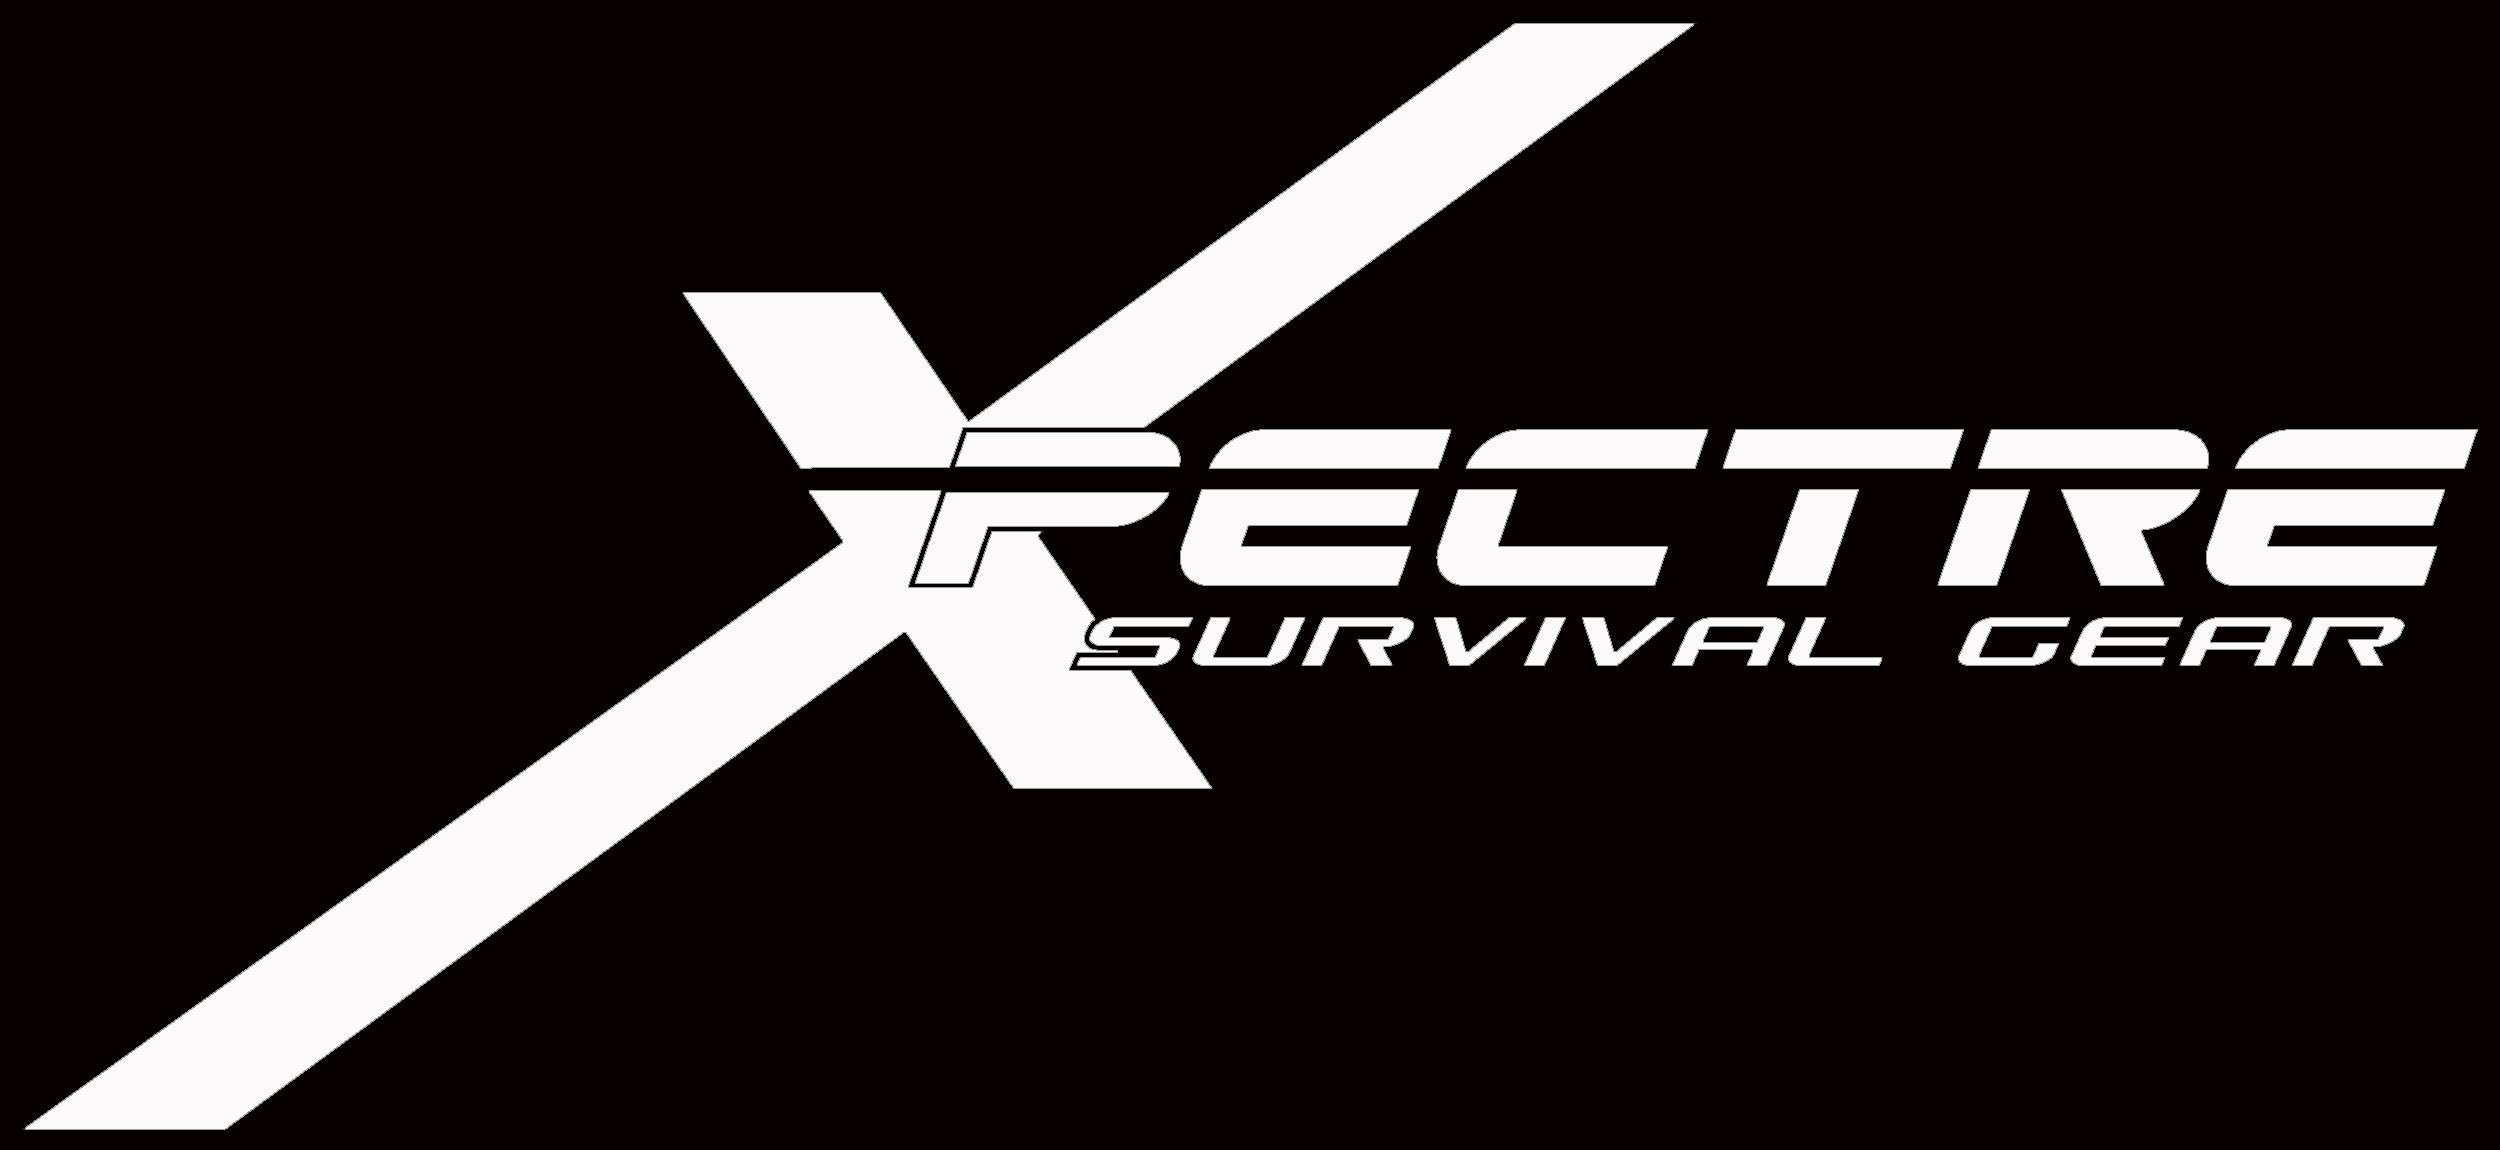 XPECTRE